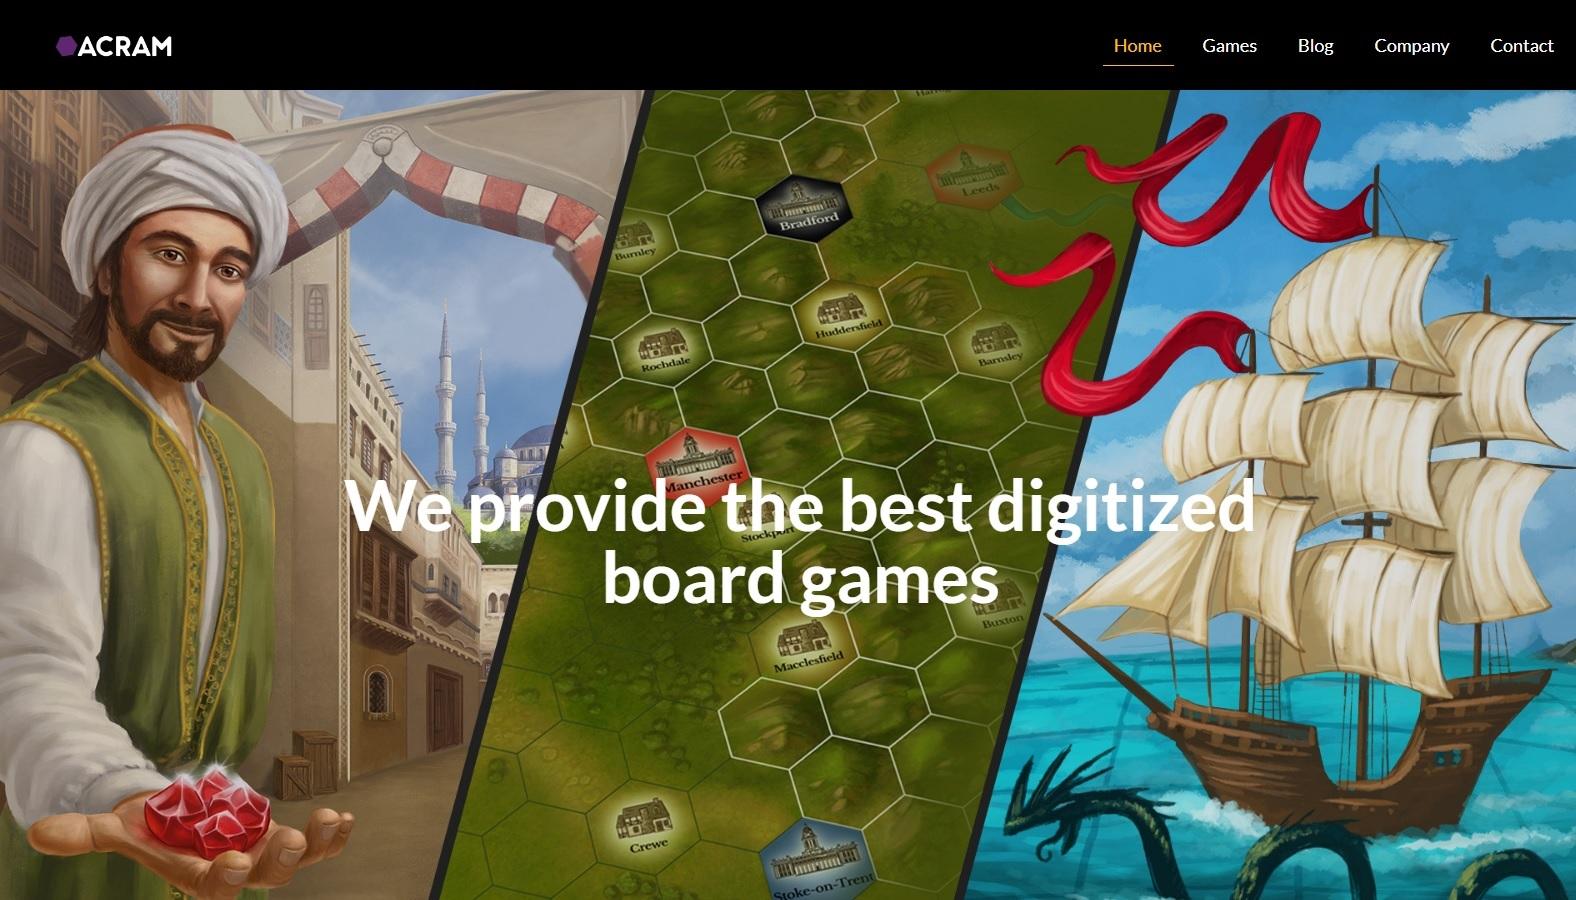 fot. zrzut ekranu